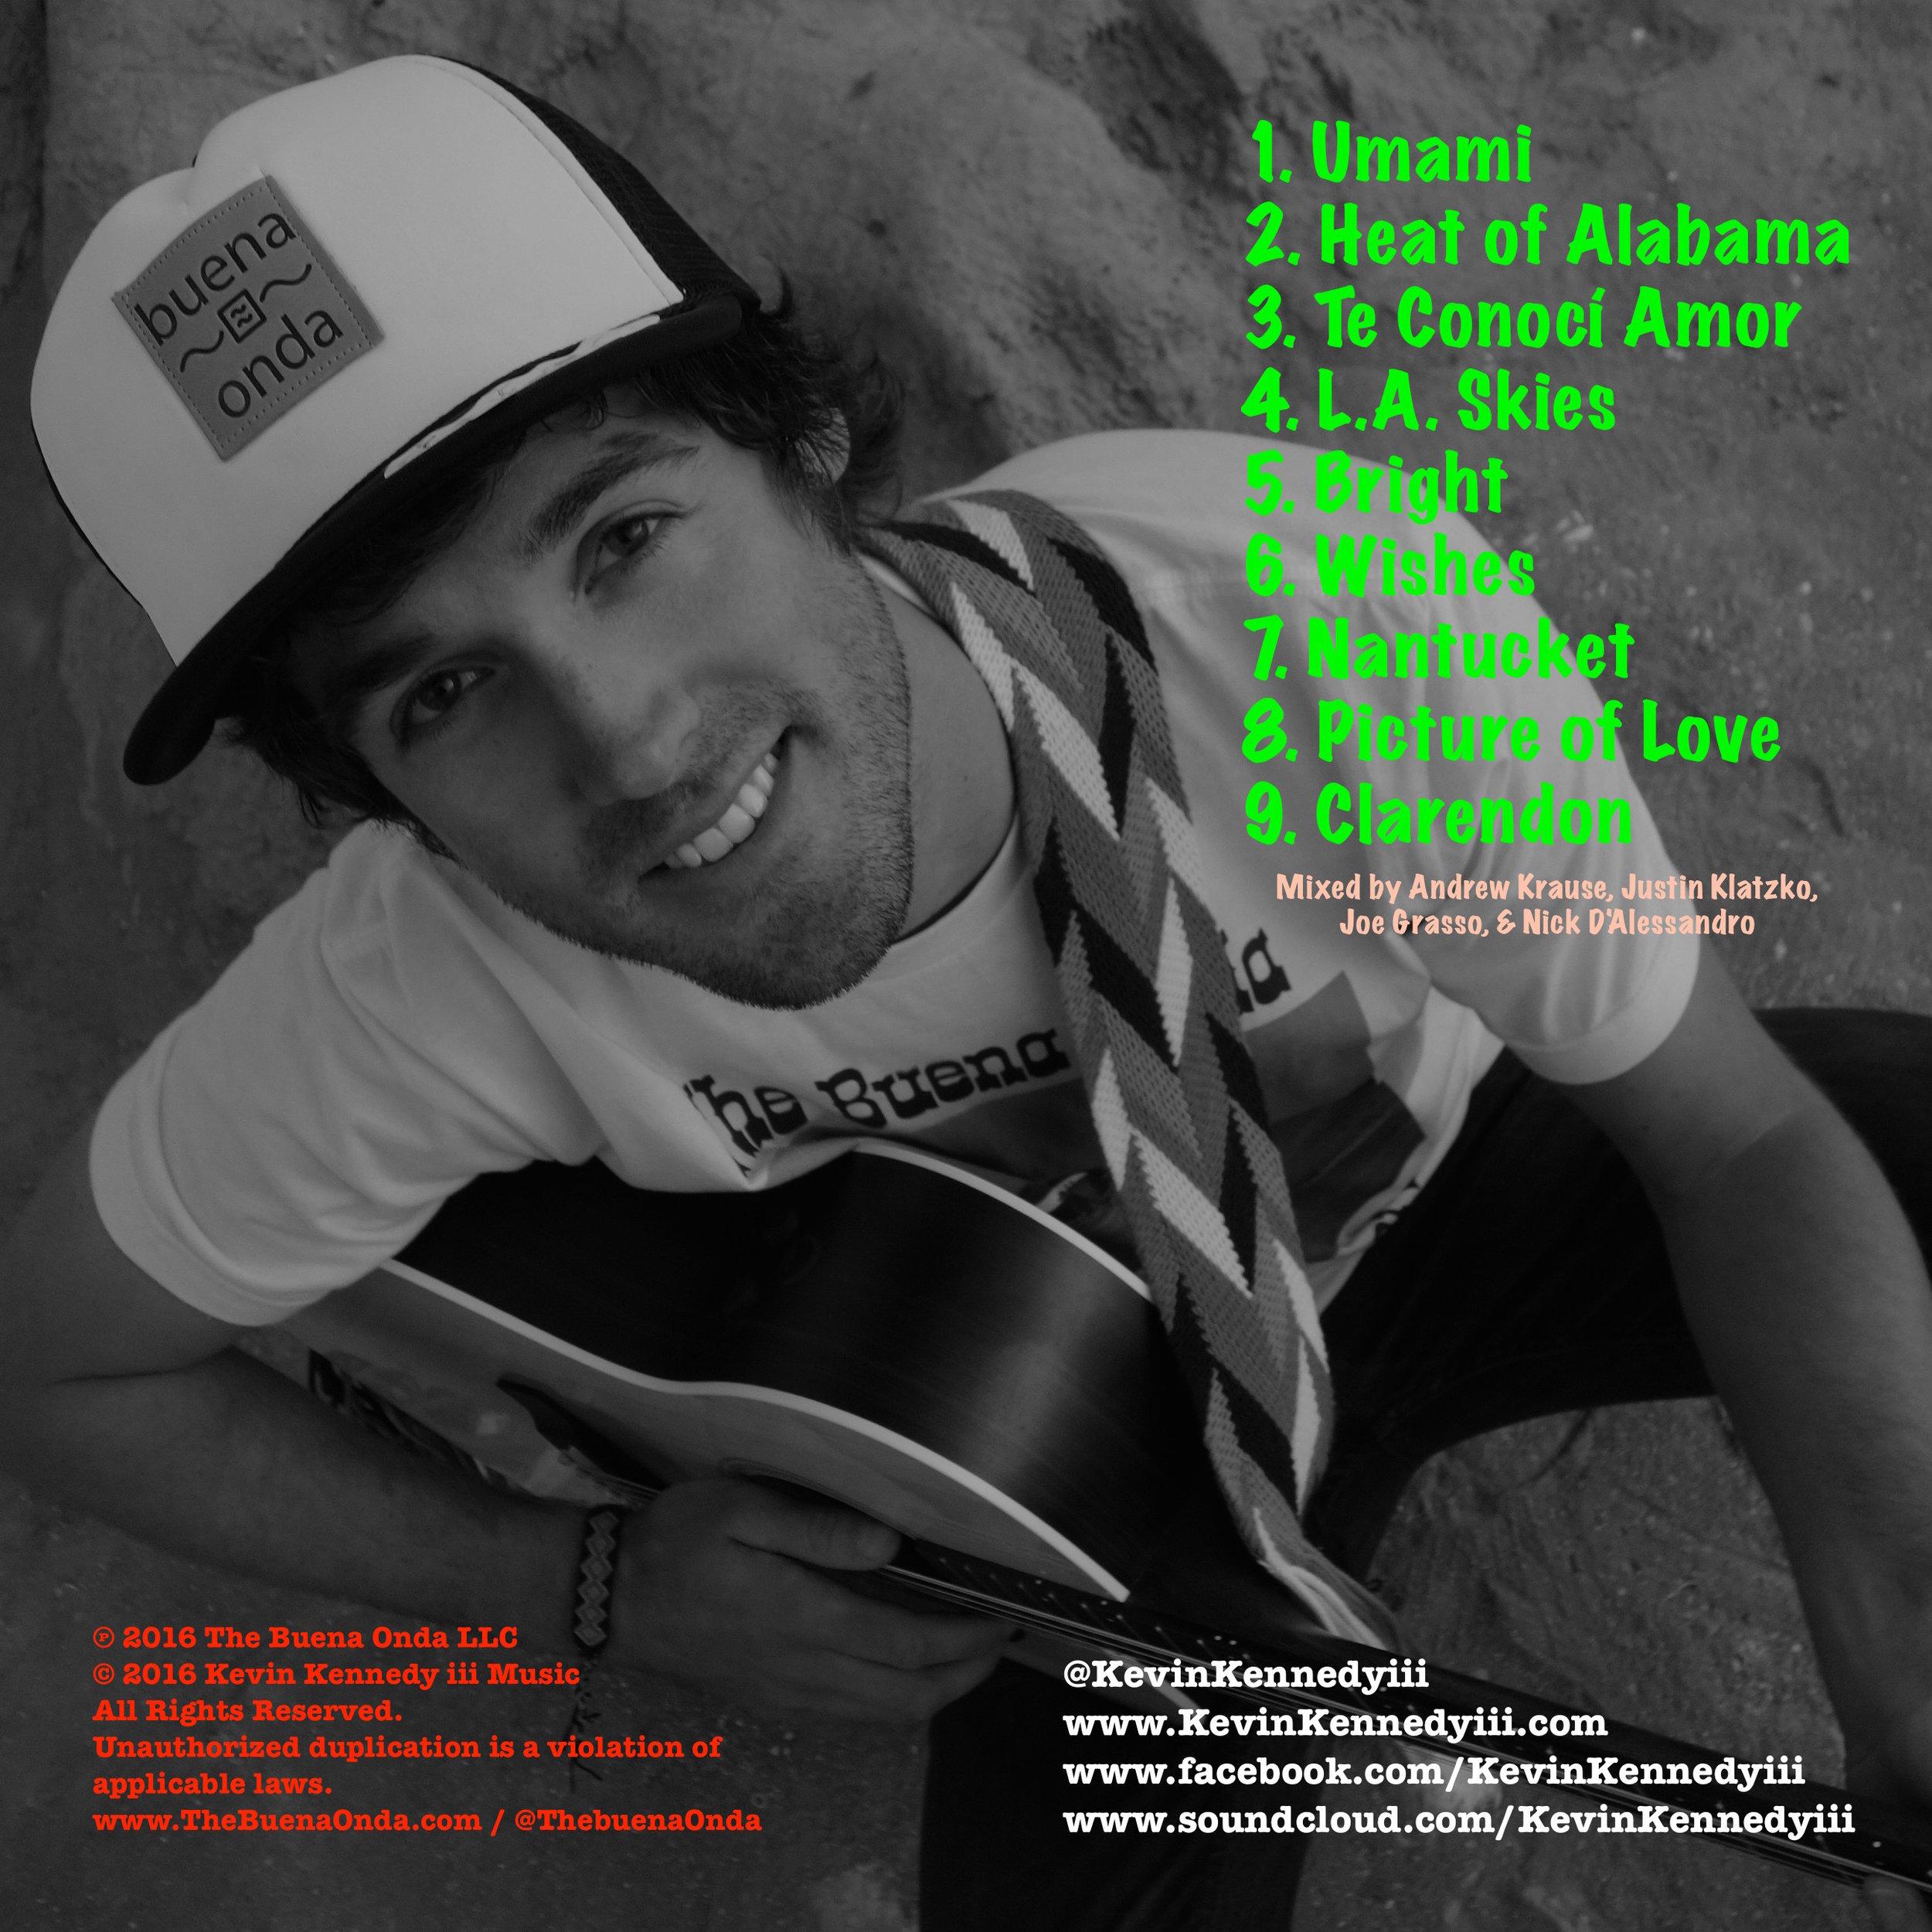 Kevin Kennedy iii - Umami Album